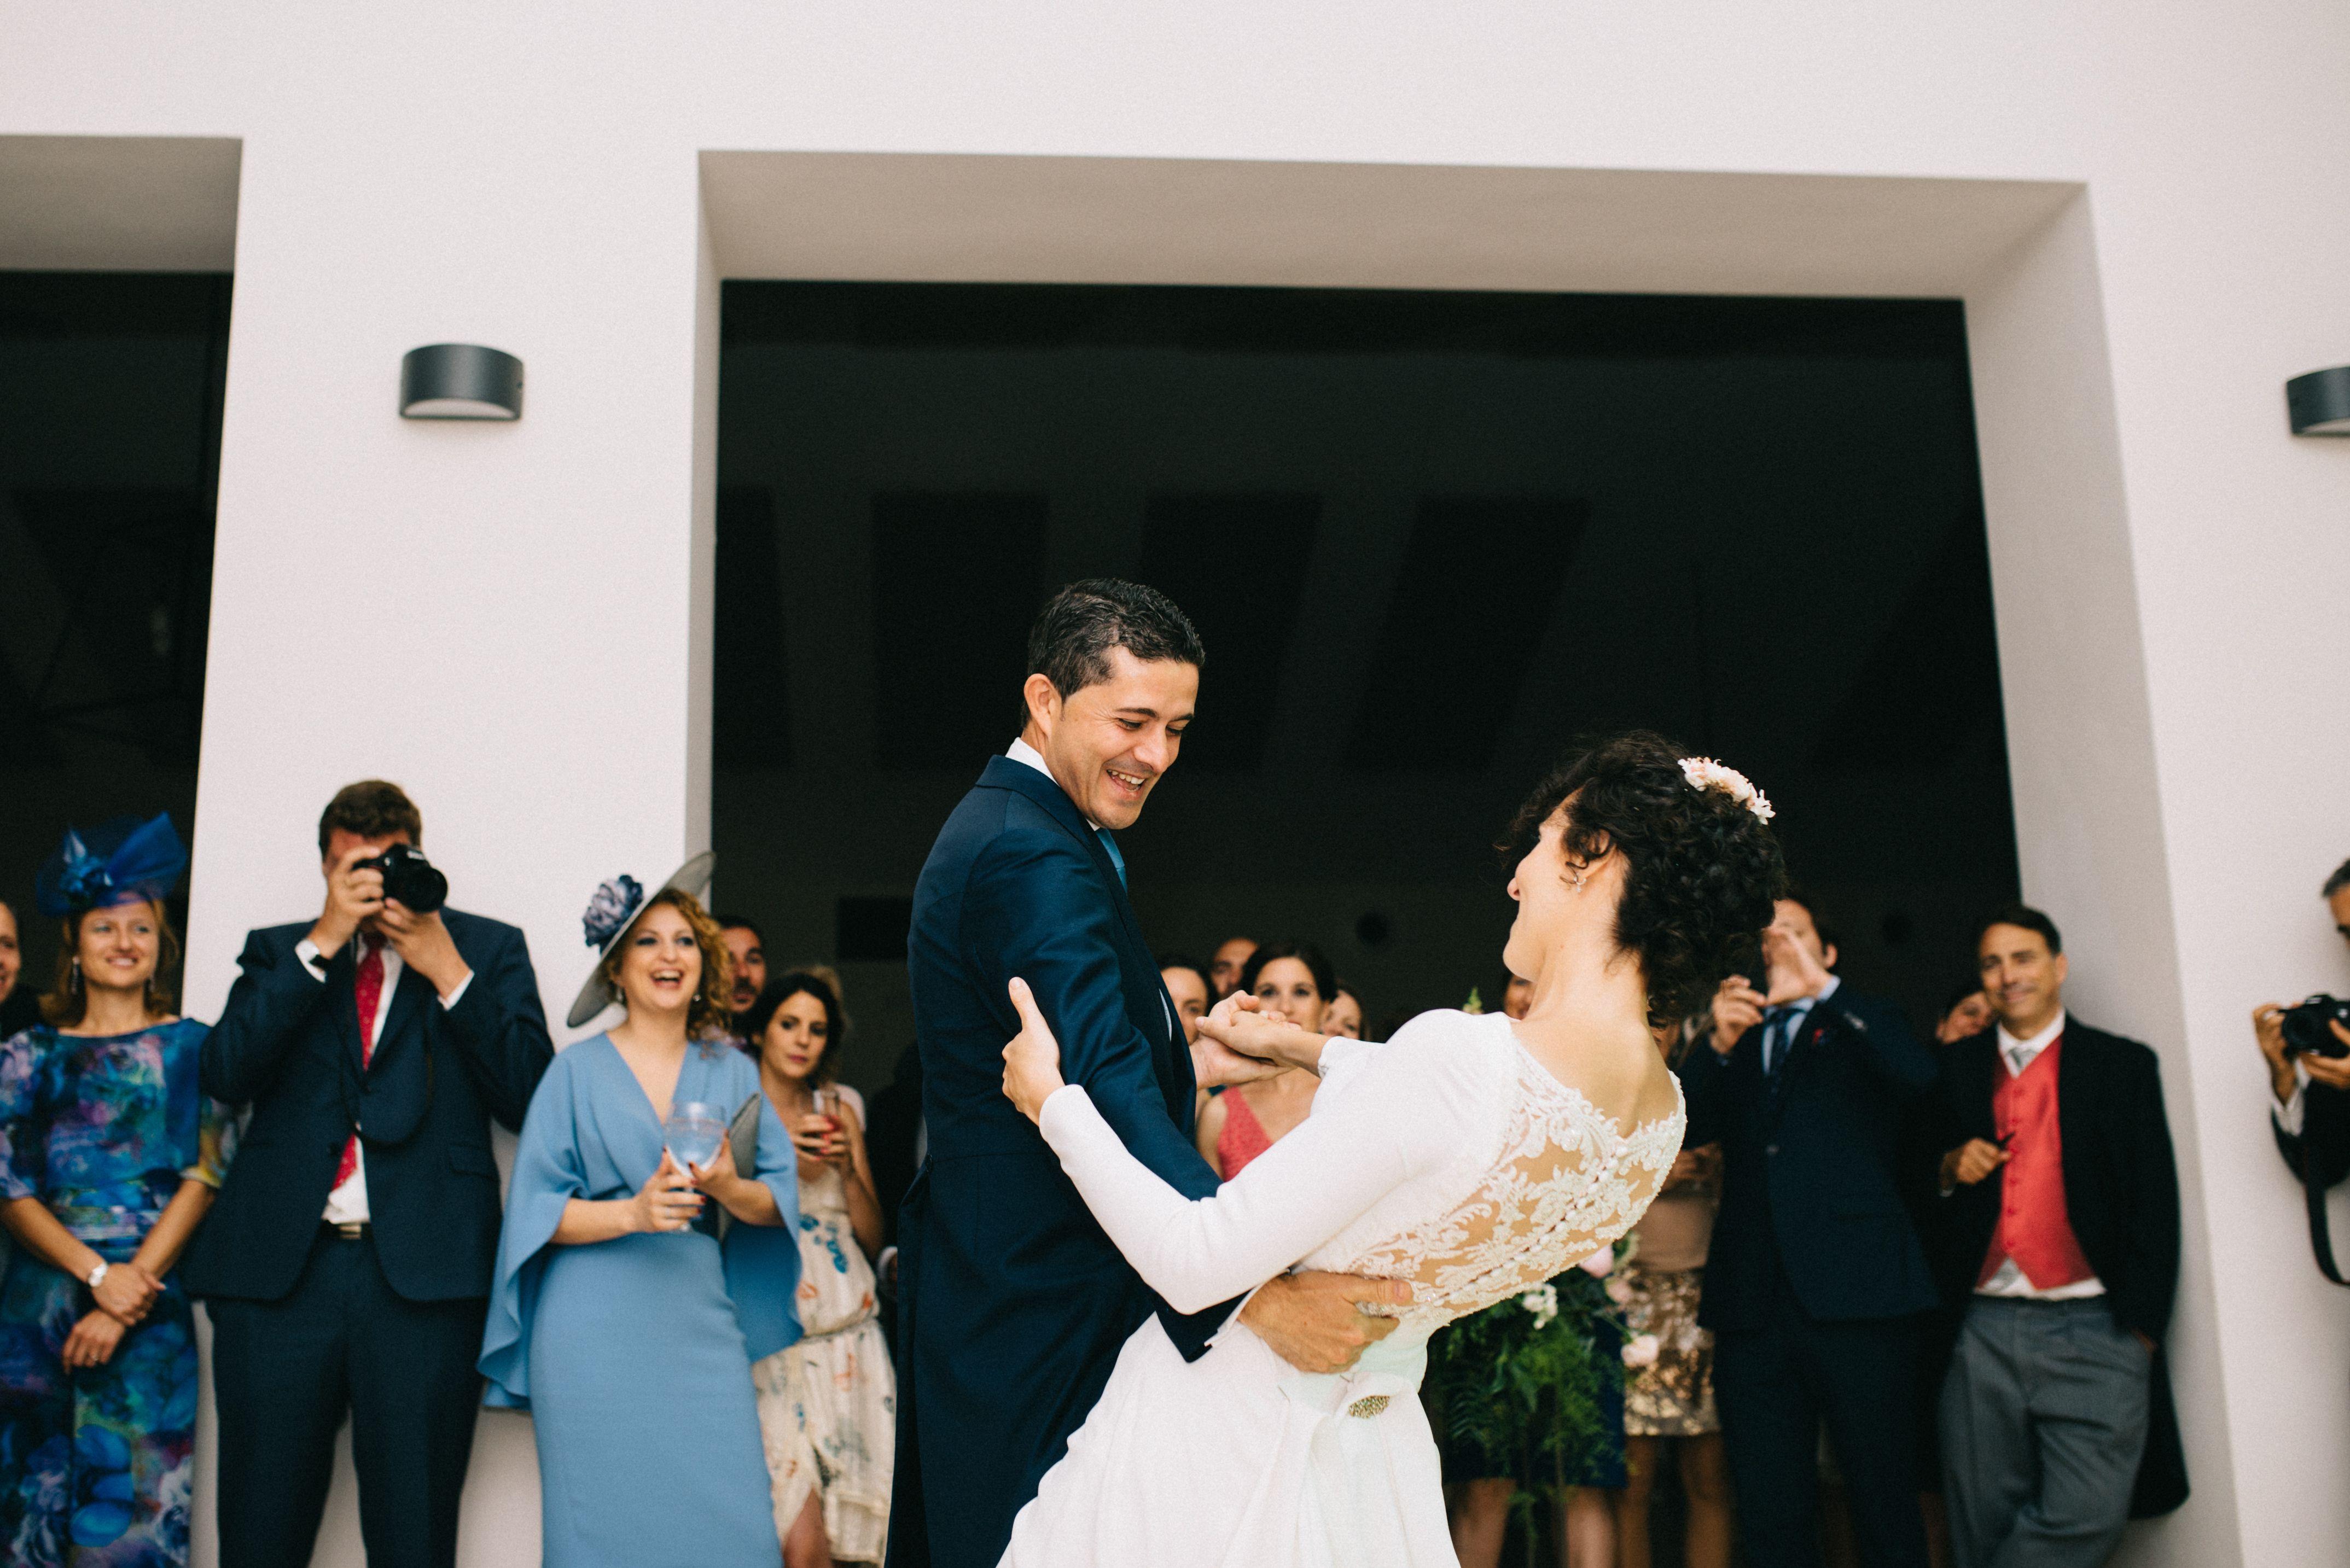 La boda de María y Guillermo en Cortijo Olivar de la Sargenta197